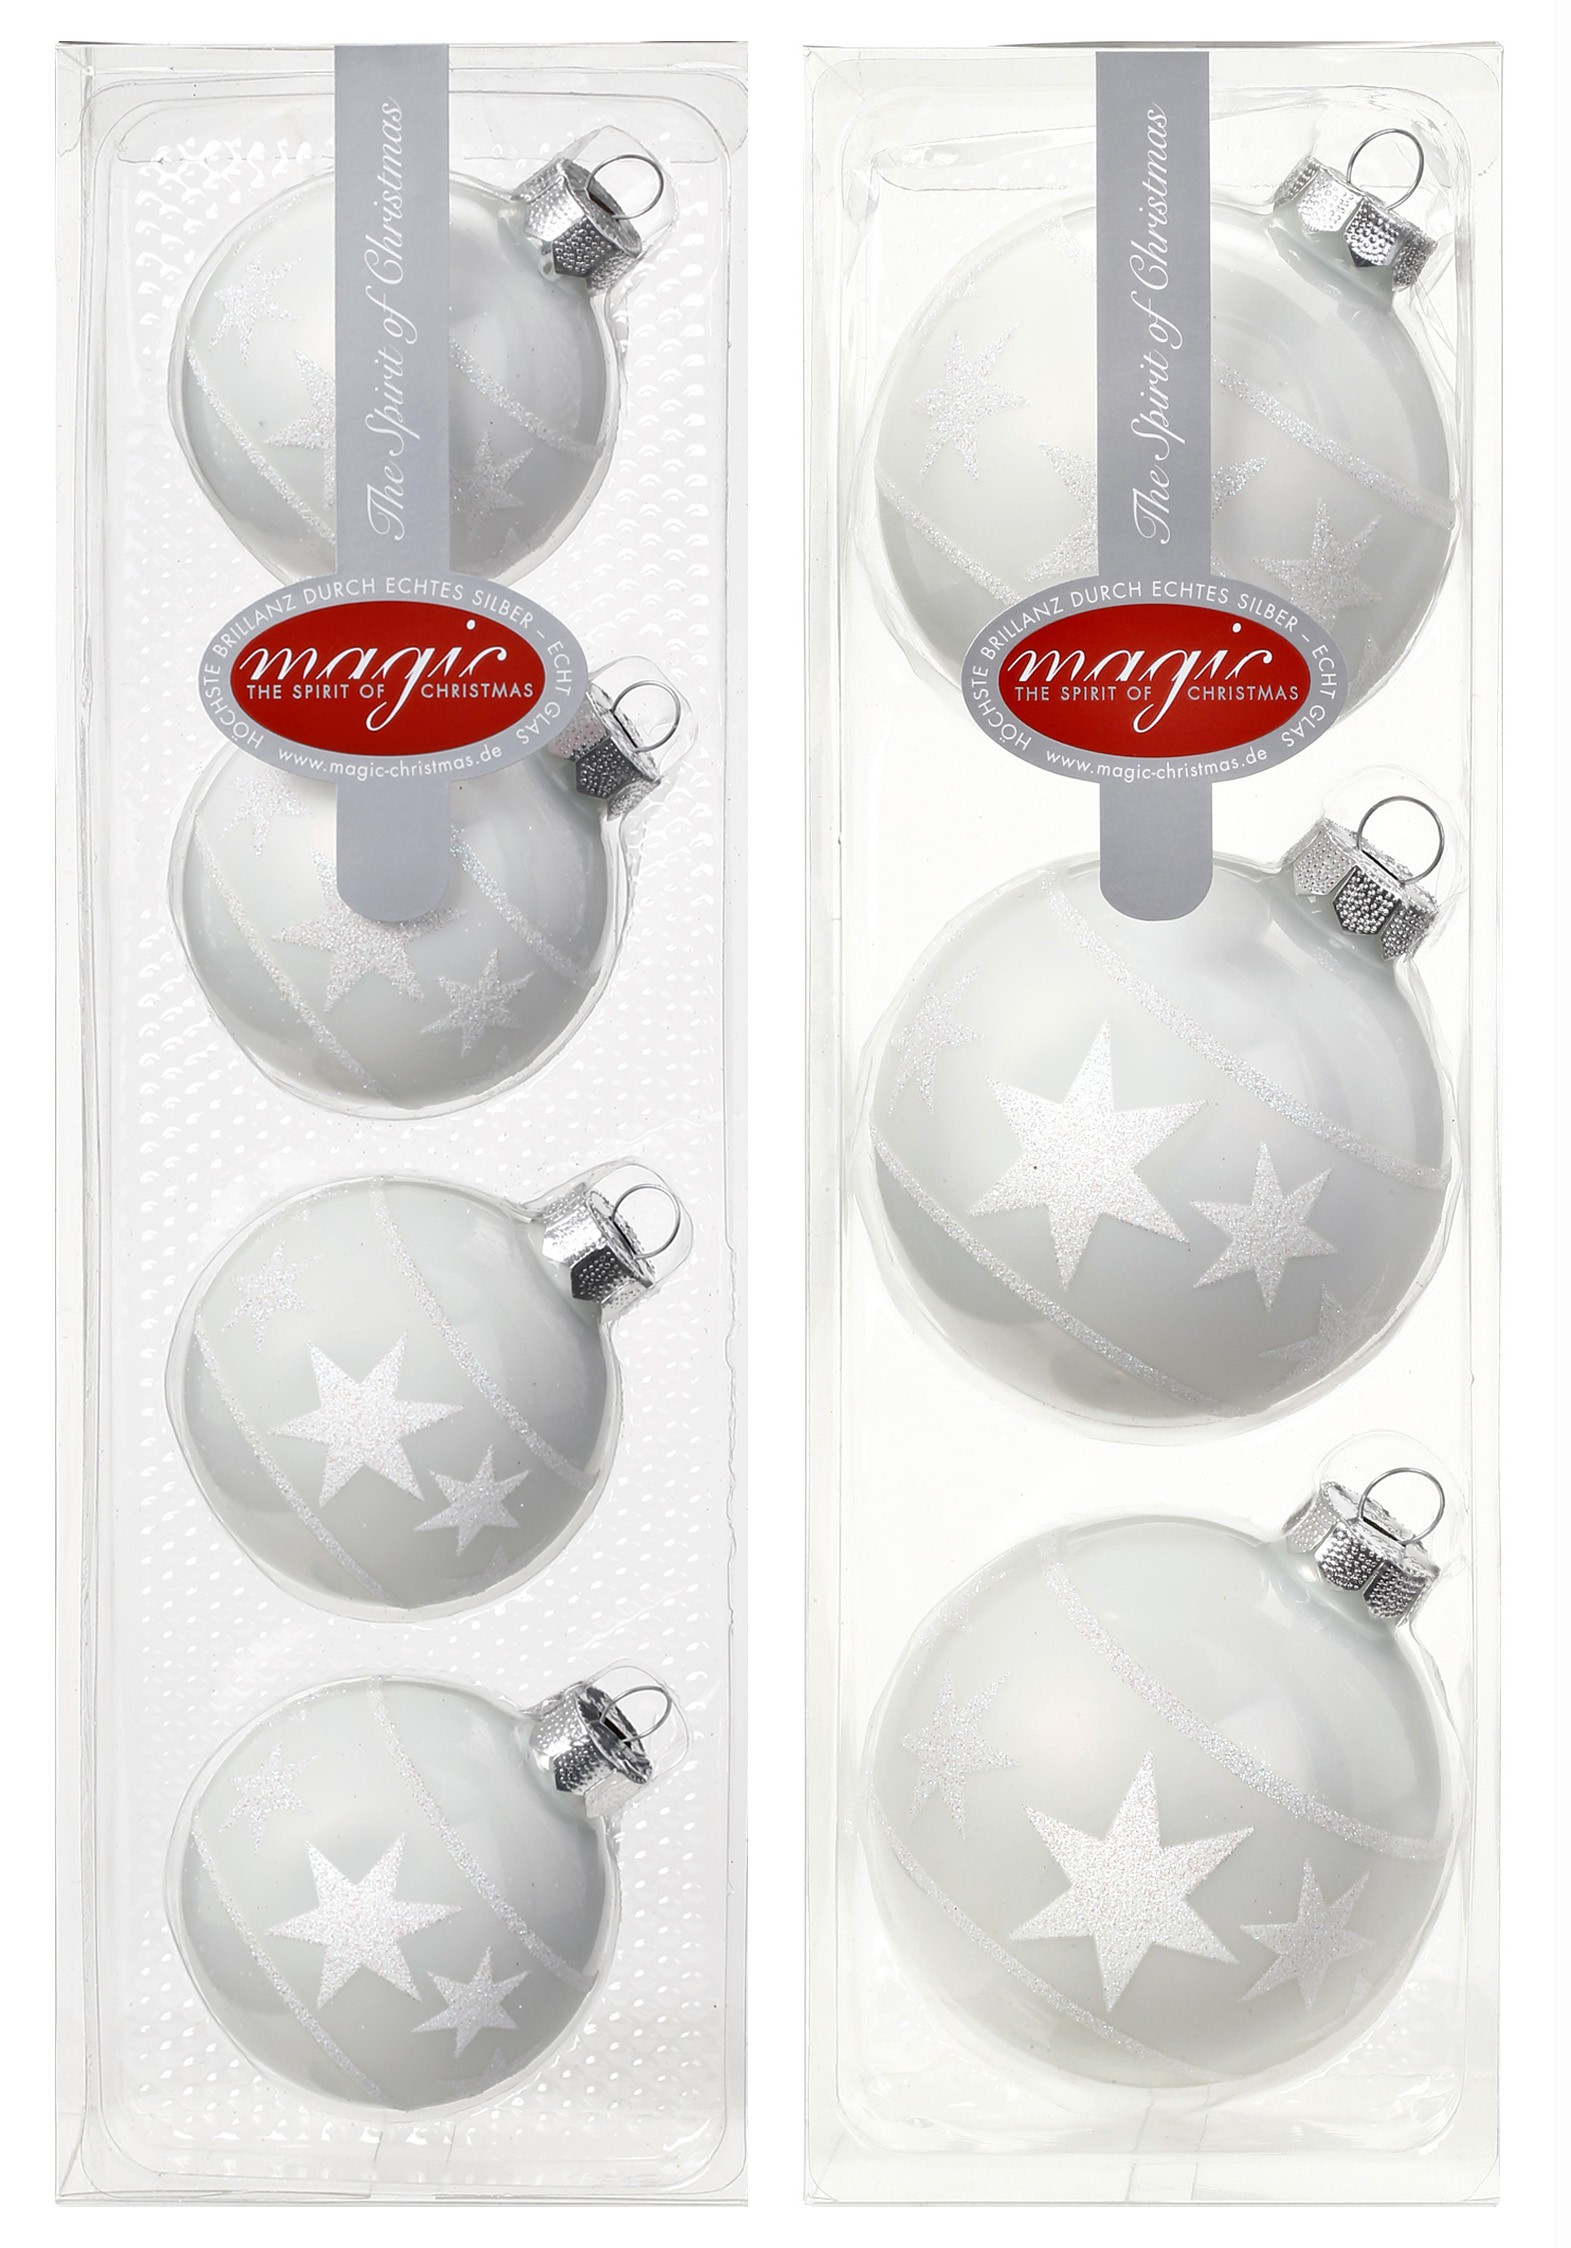 Christbaumkugeln glas dekor wei saisonartikel weihnachten Glas mit kugeln dekorieren